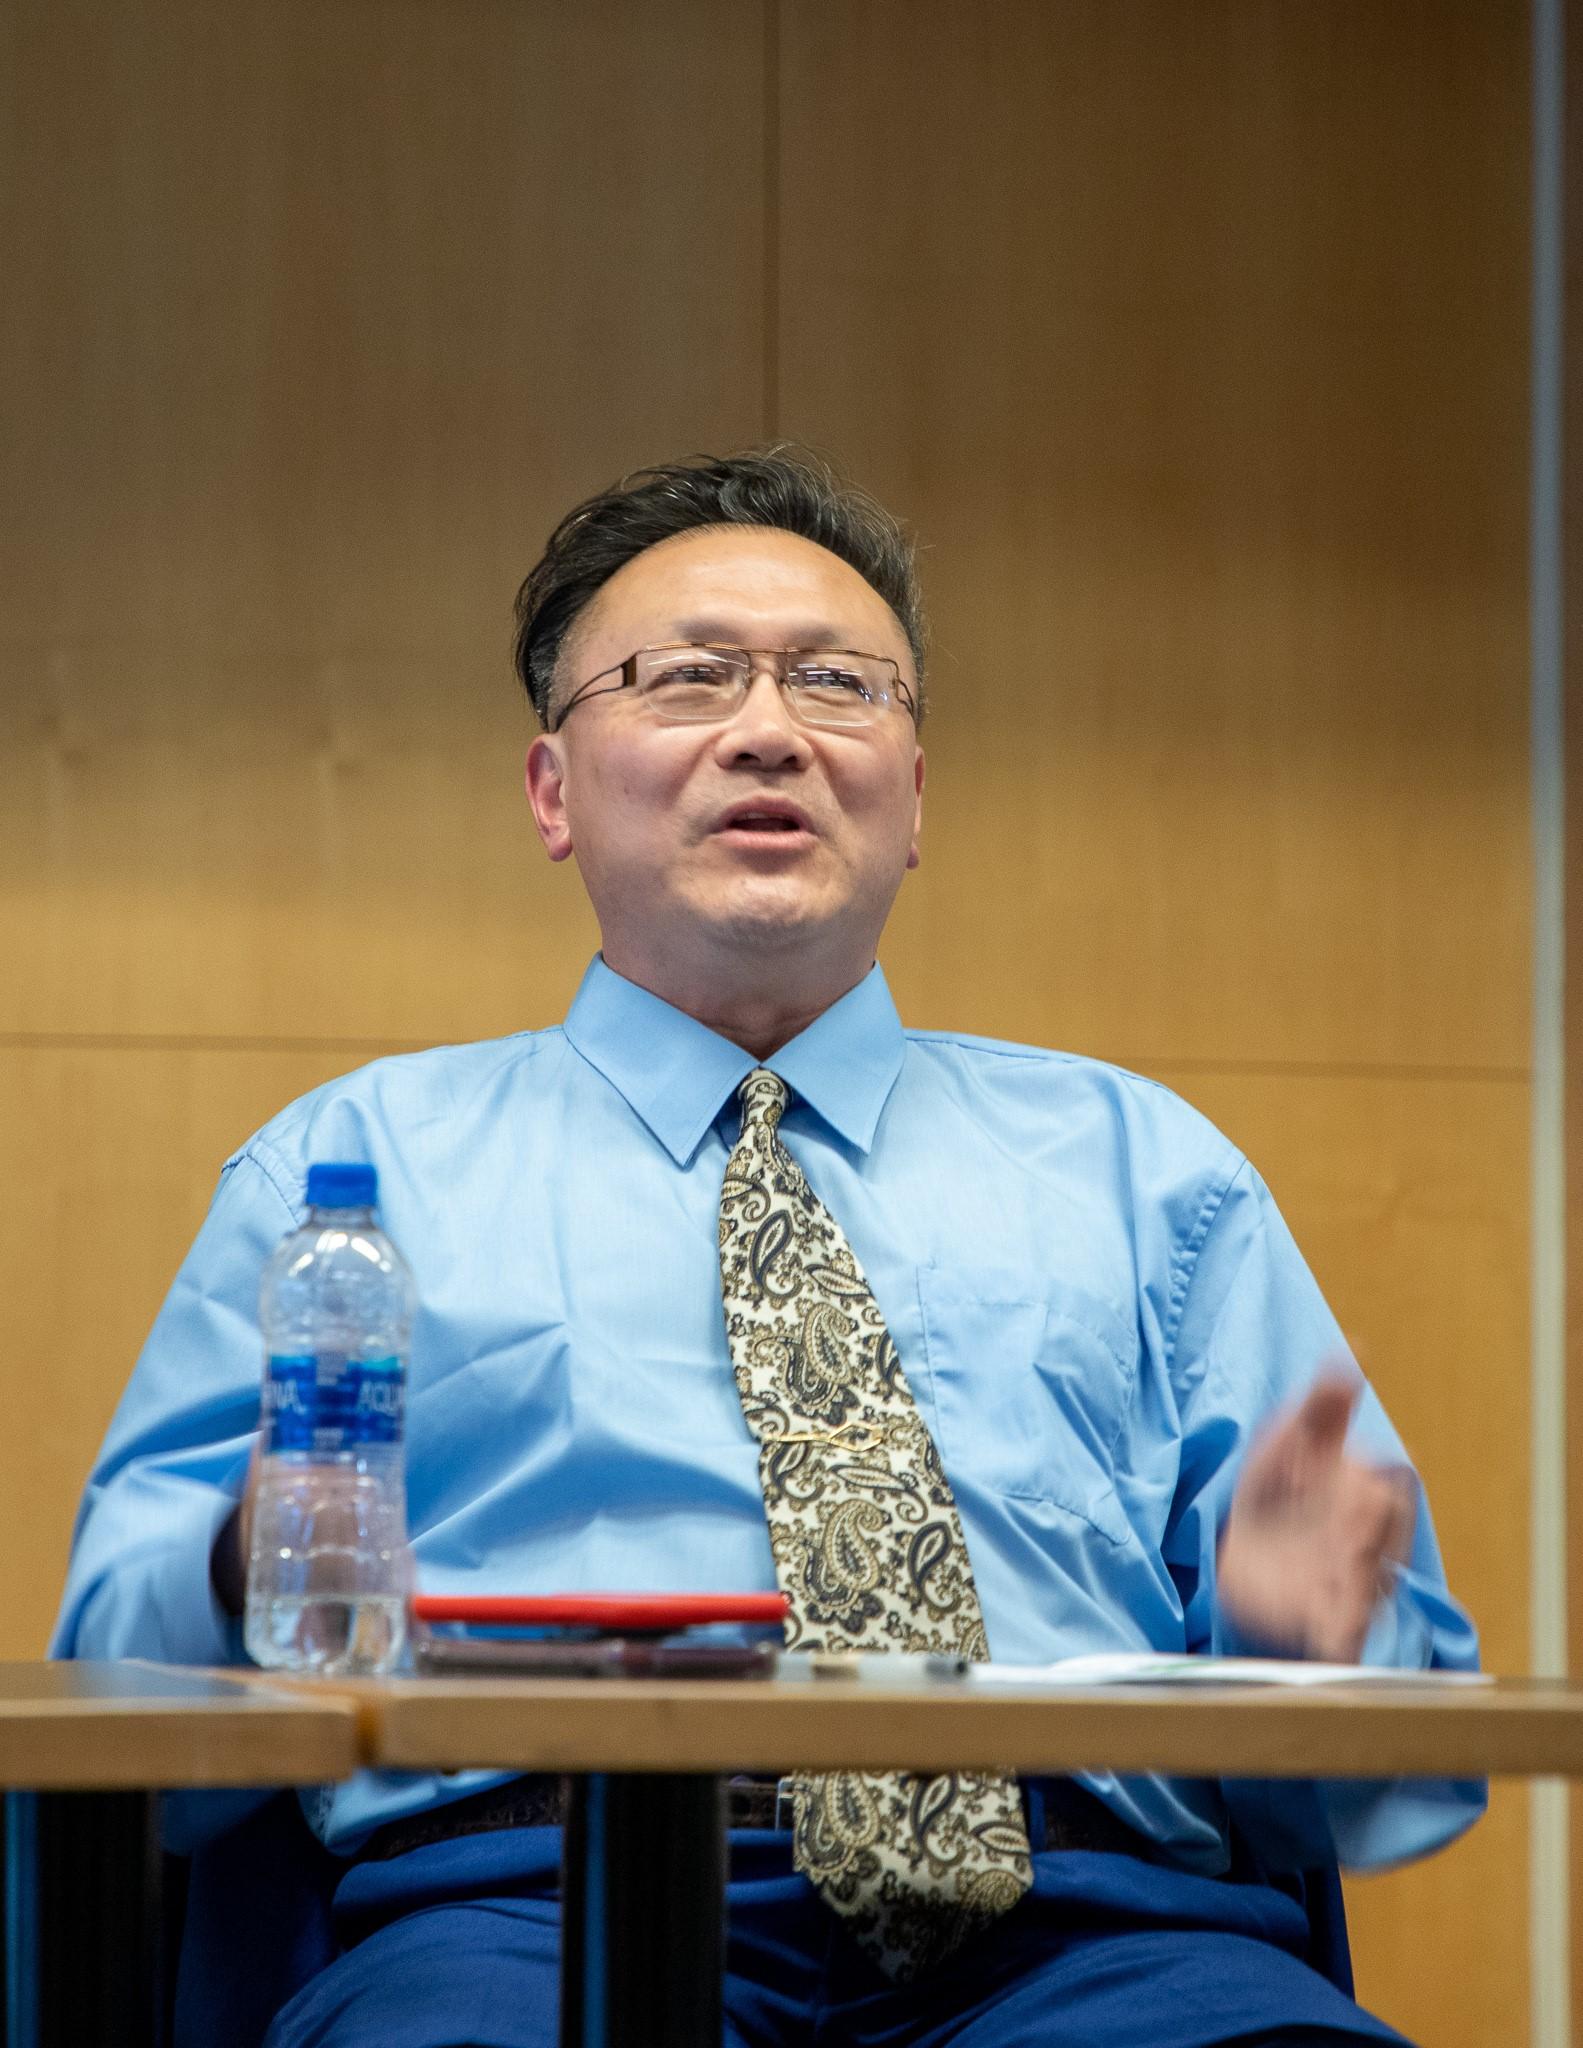 Sung Yun Wong